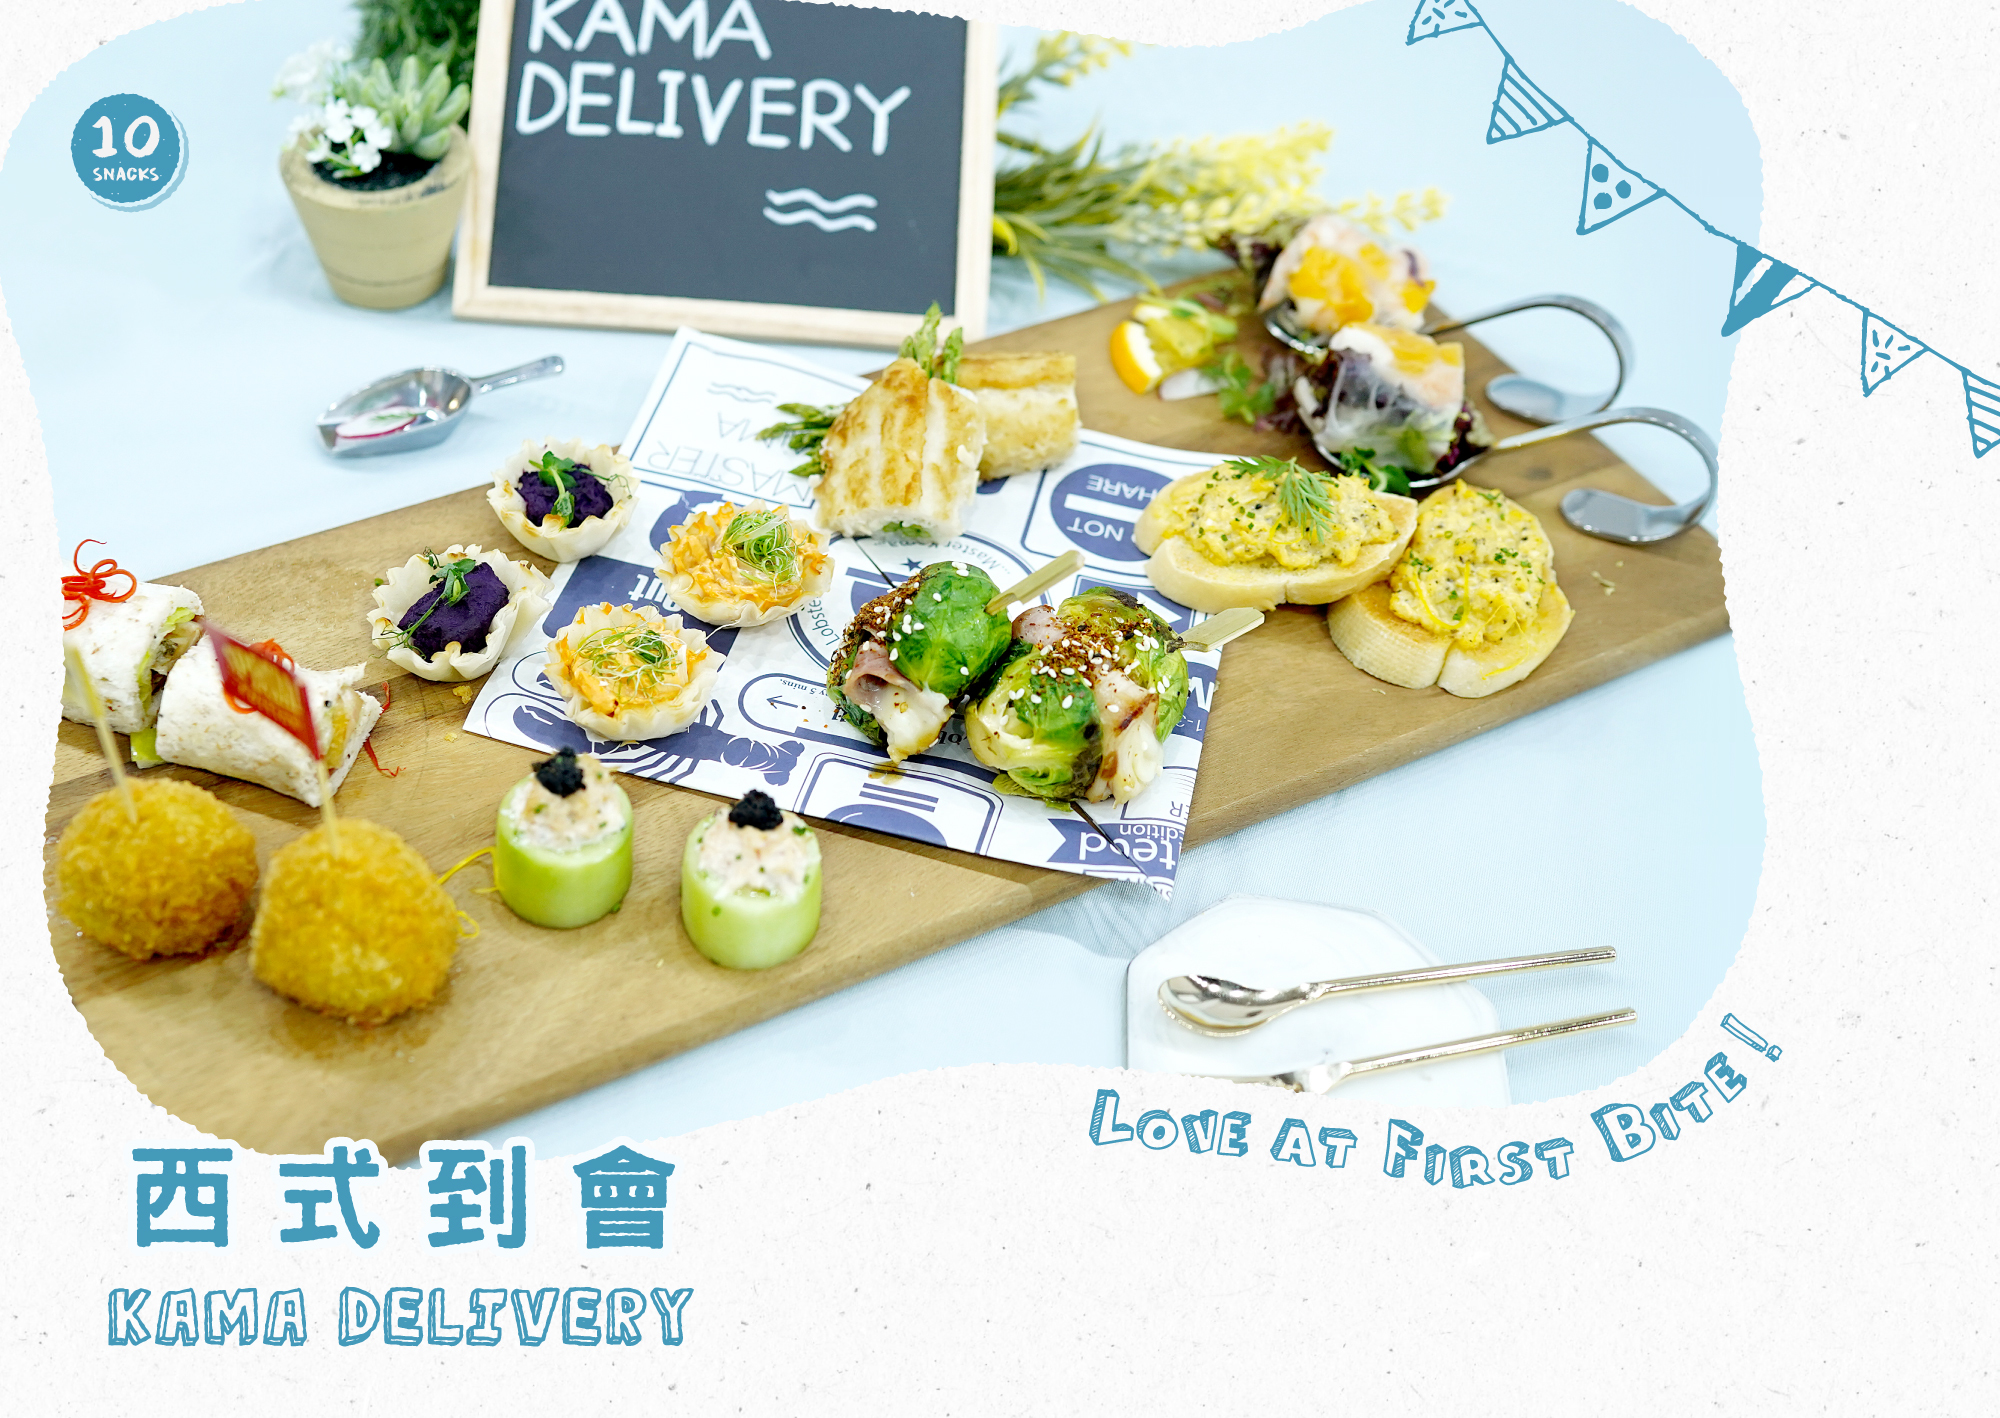 西式到會推介 Kama Delivery美食到會外賣服務提供多款到會套餐外賣運送至全港,我們亦可特地為企業或私人派對制作特定餐單,務求滿足各類派對到會的需求。歡迎聯絡我們查詢!